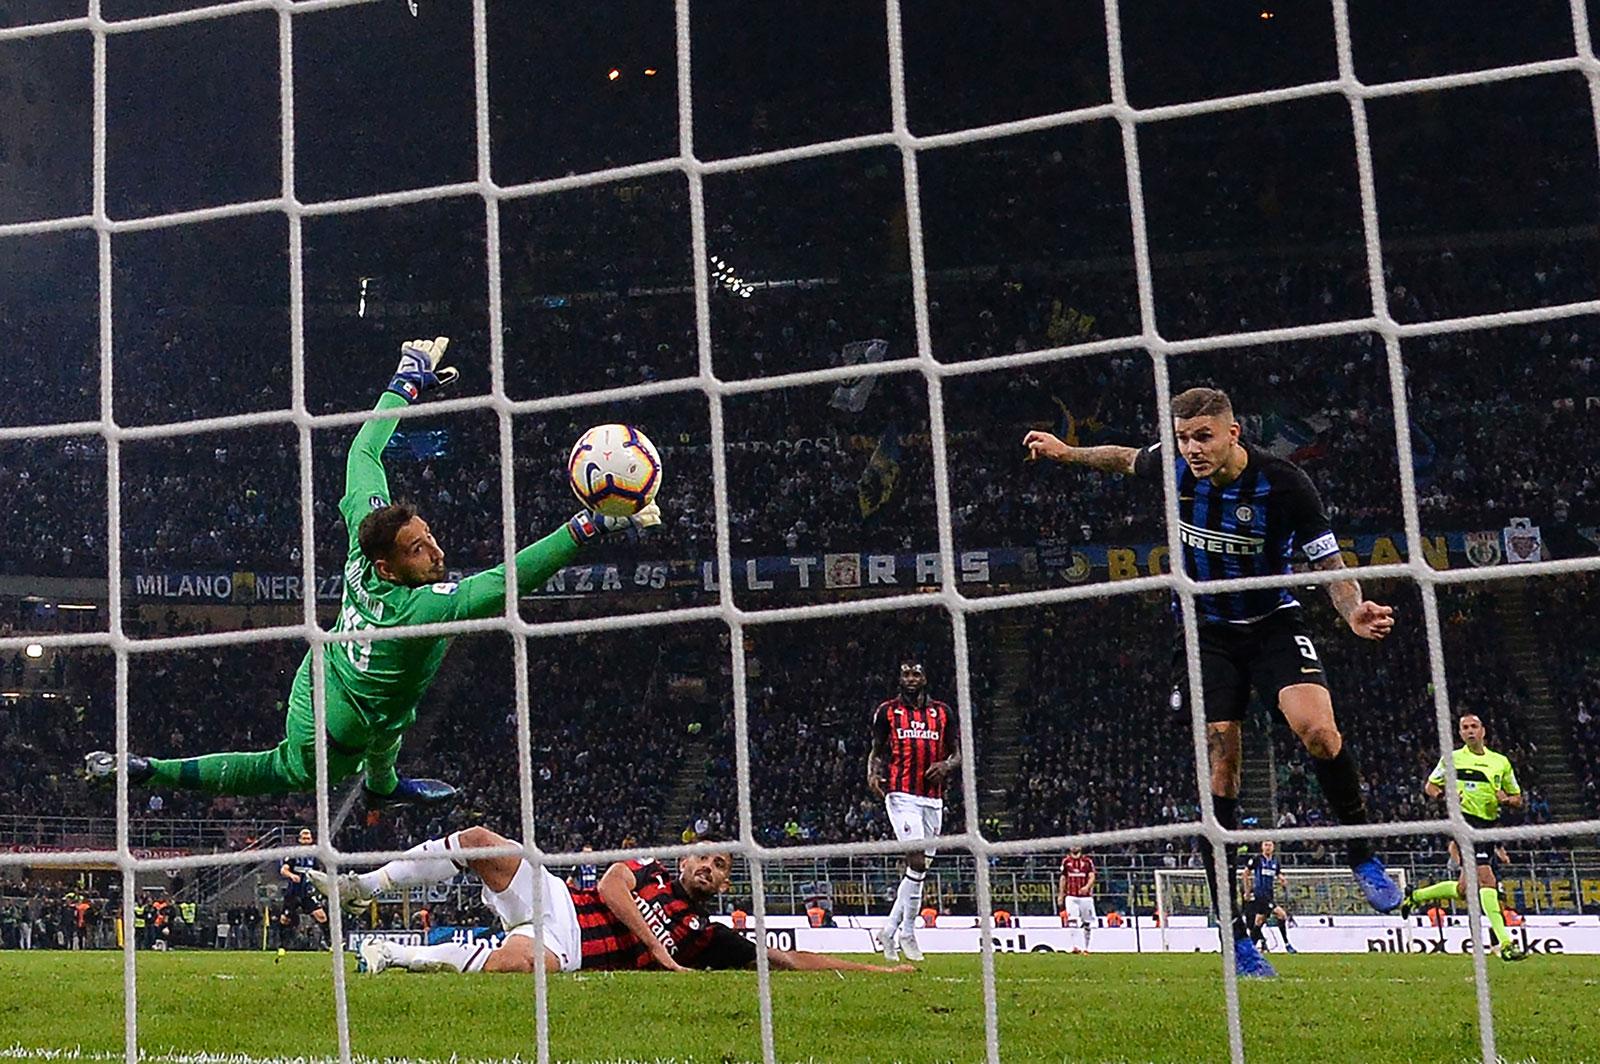 Mauro Icardi scoring past Gianluigi Donnarumma during Inter-Milan at Stadio San Siro on October 21, 2018. (MARCO BERTORELLO/AFP/Getty Images)